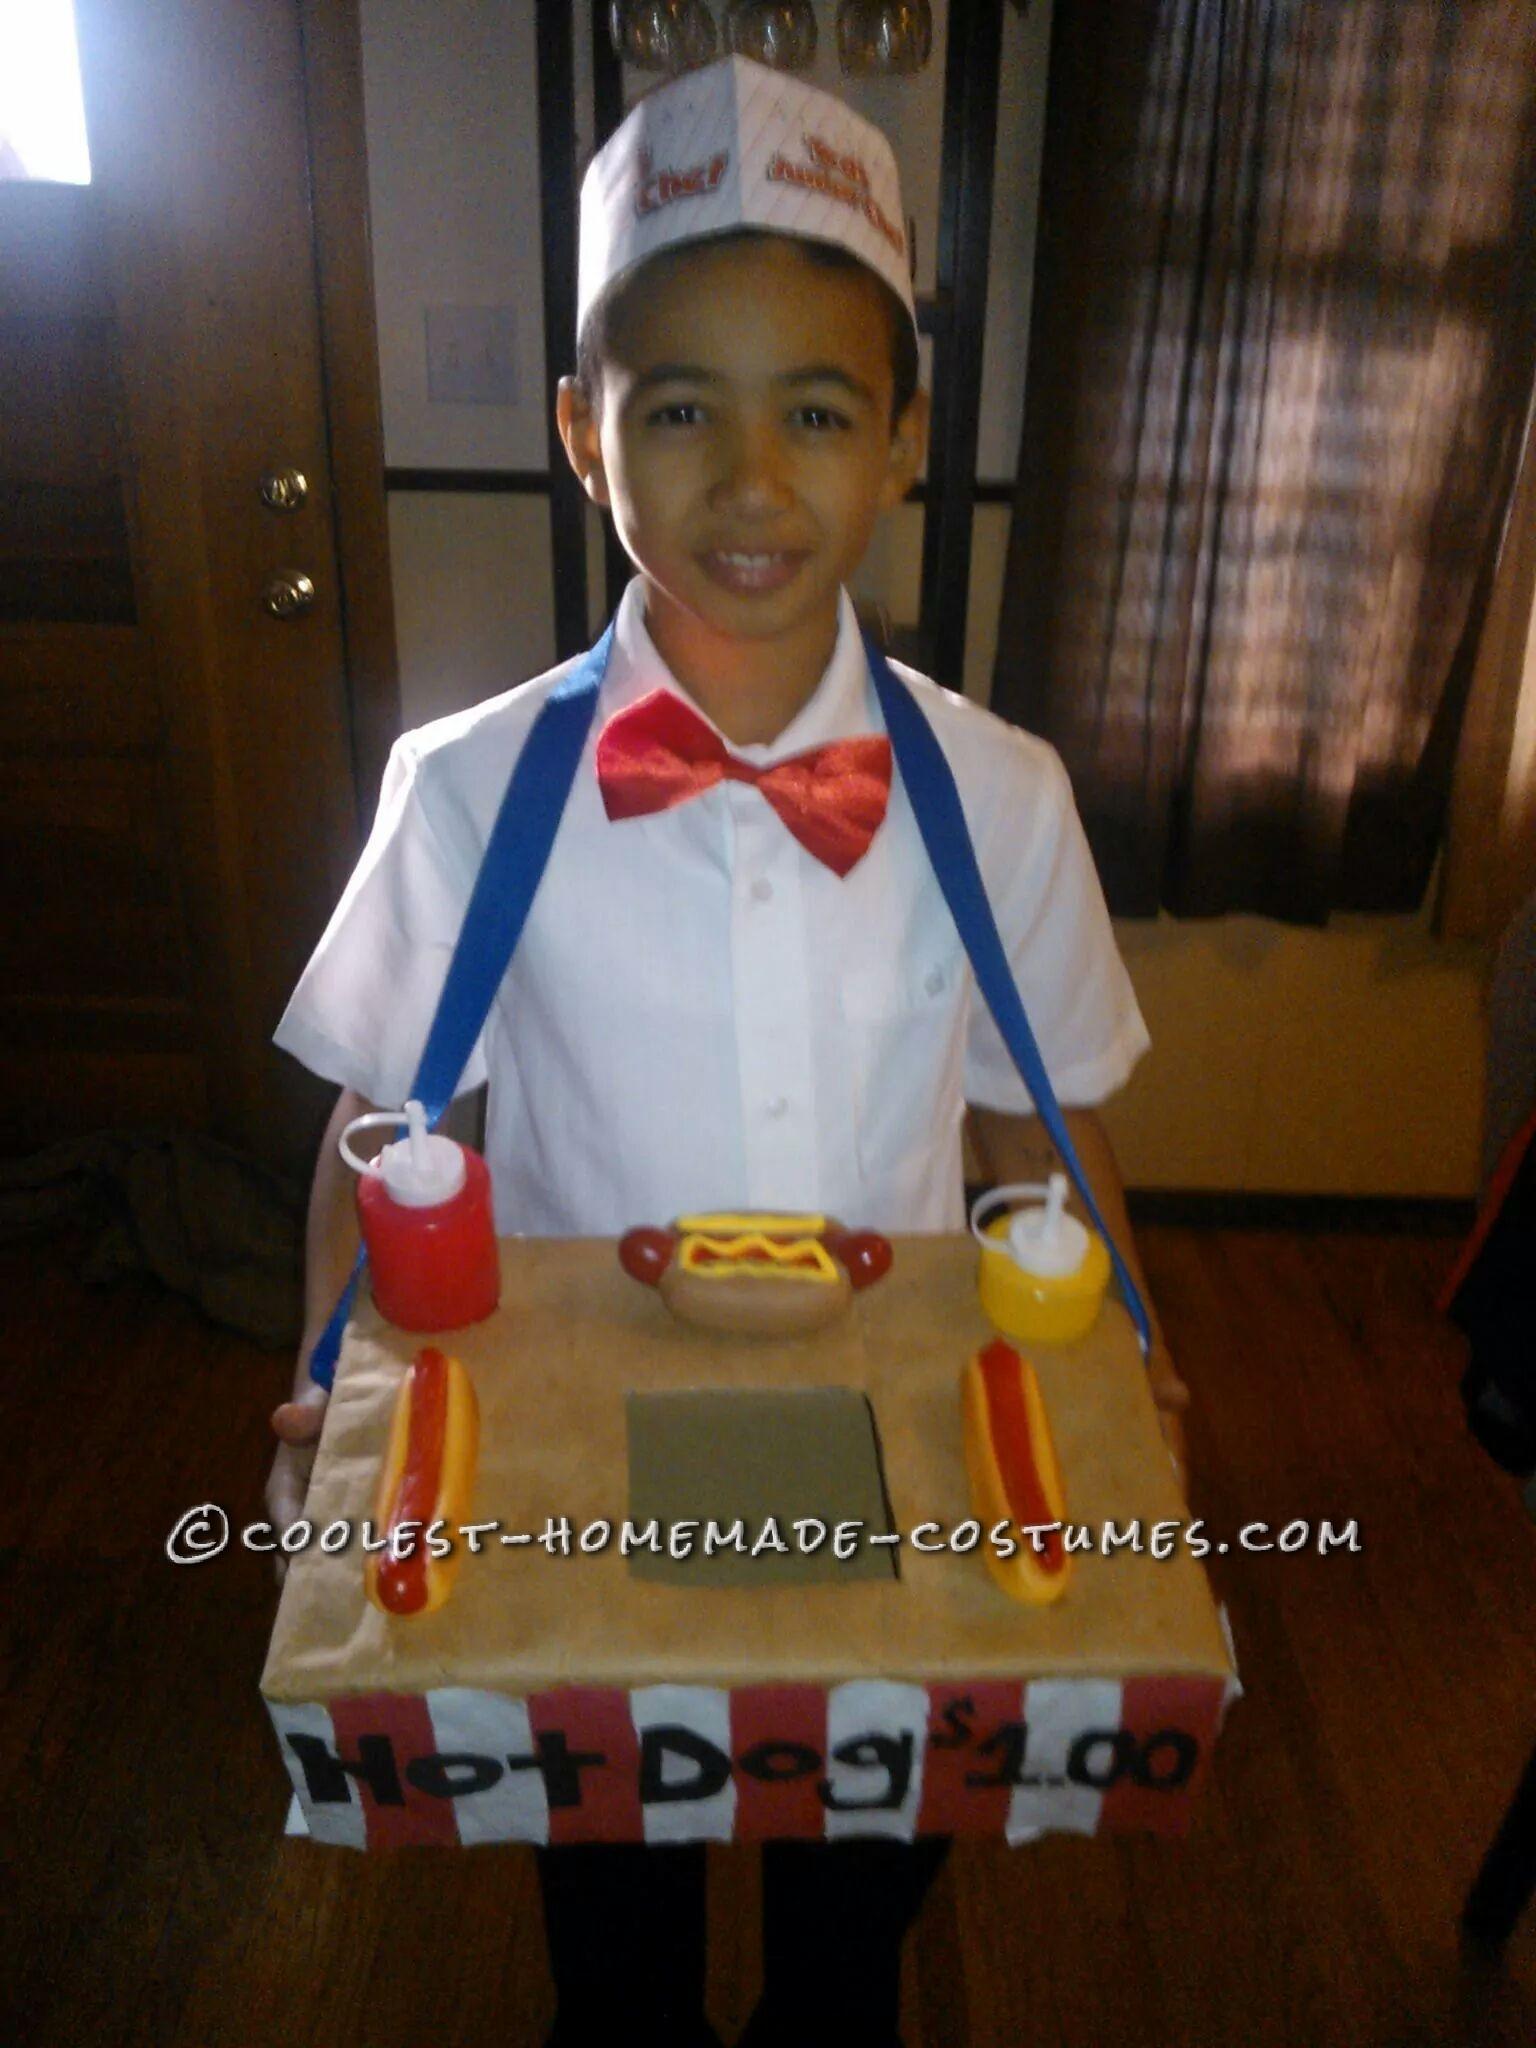 Cool Hot Dog Vendor Costume for Hot-Dog-Loving Boy